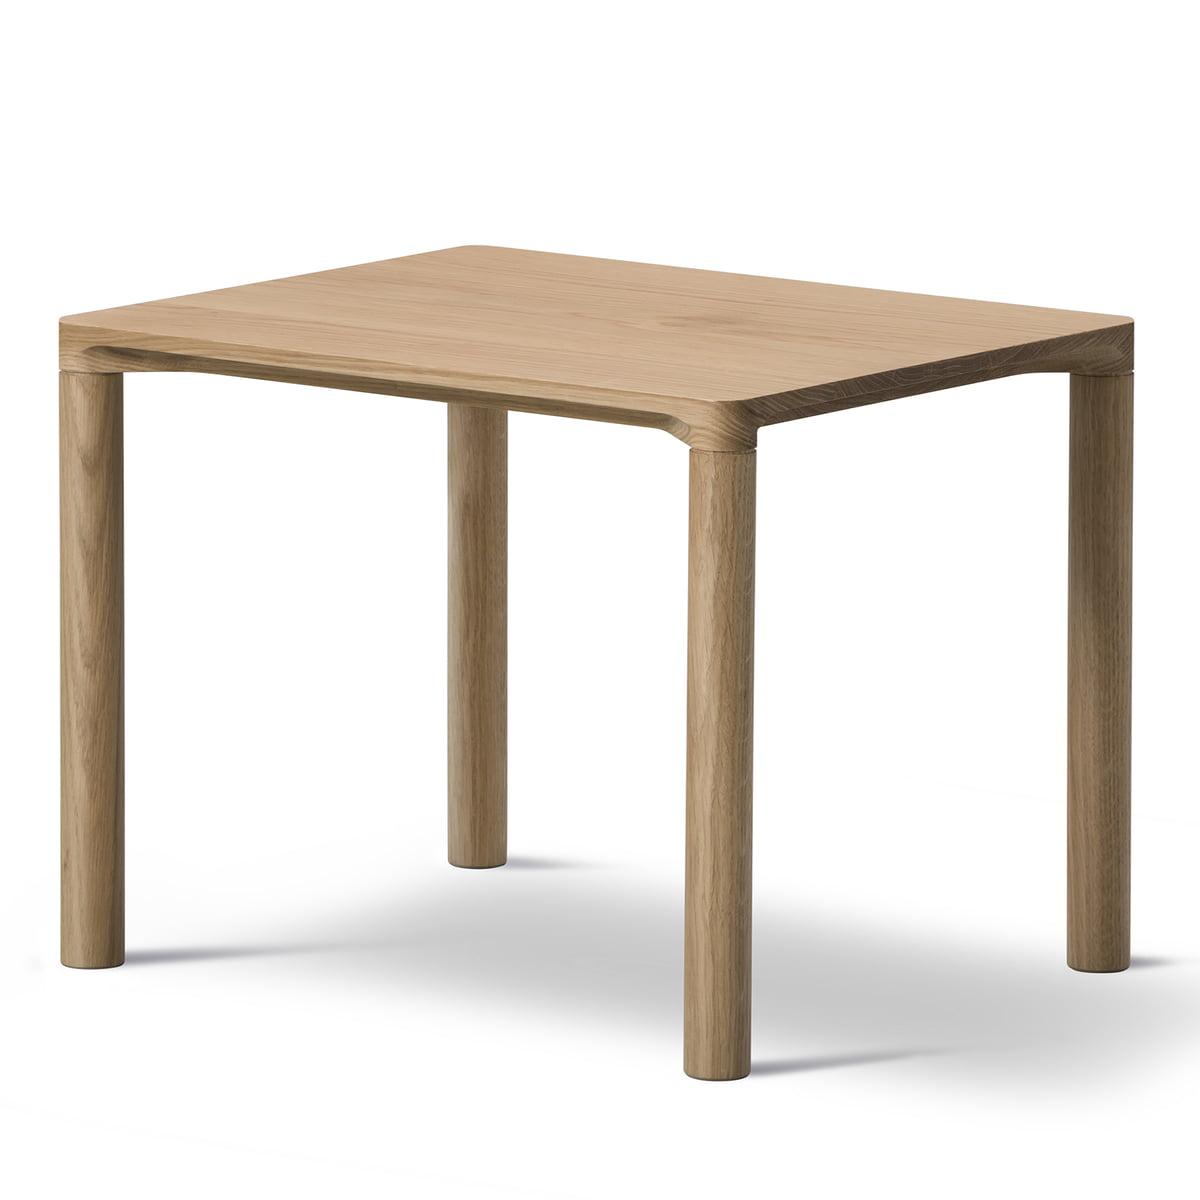 Beigeschwarz Mdf Couchtische Online Kaufen Möbel Suchmaschine